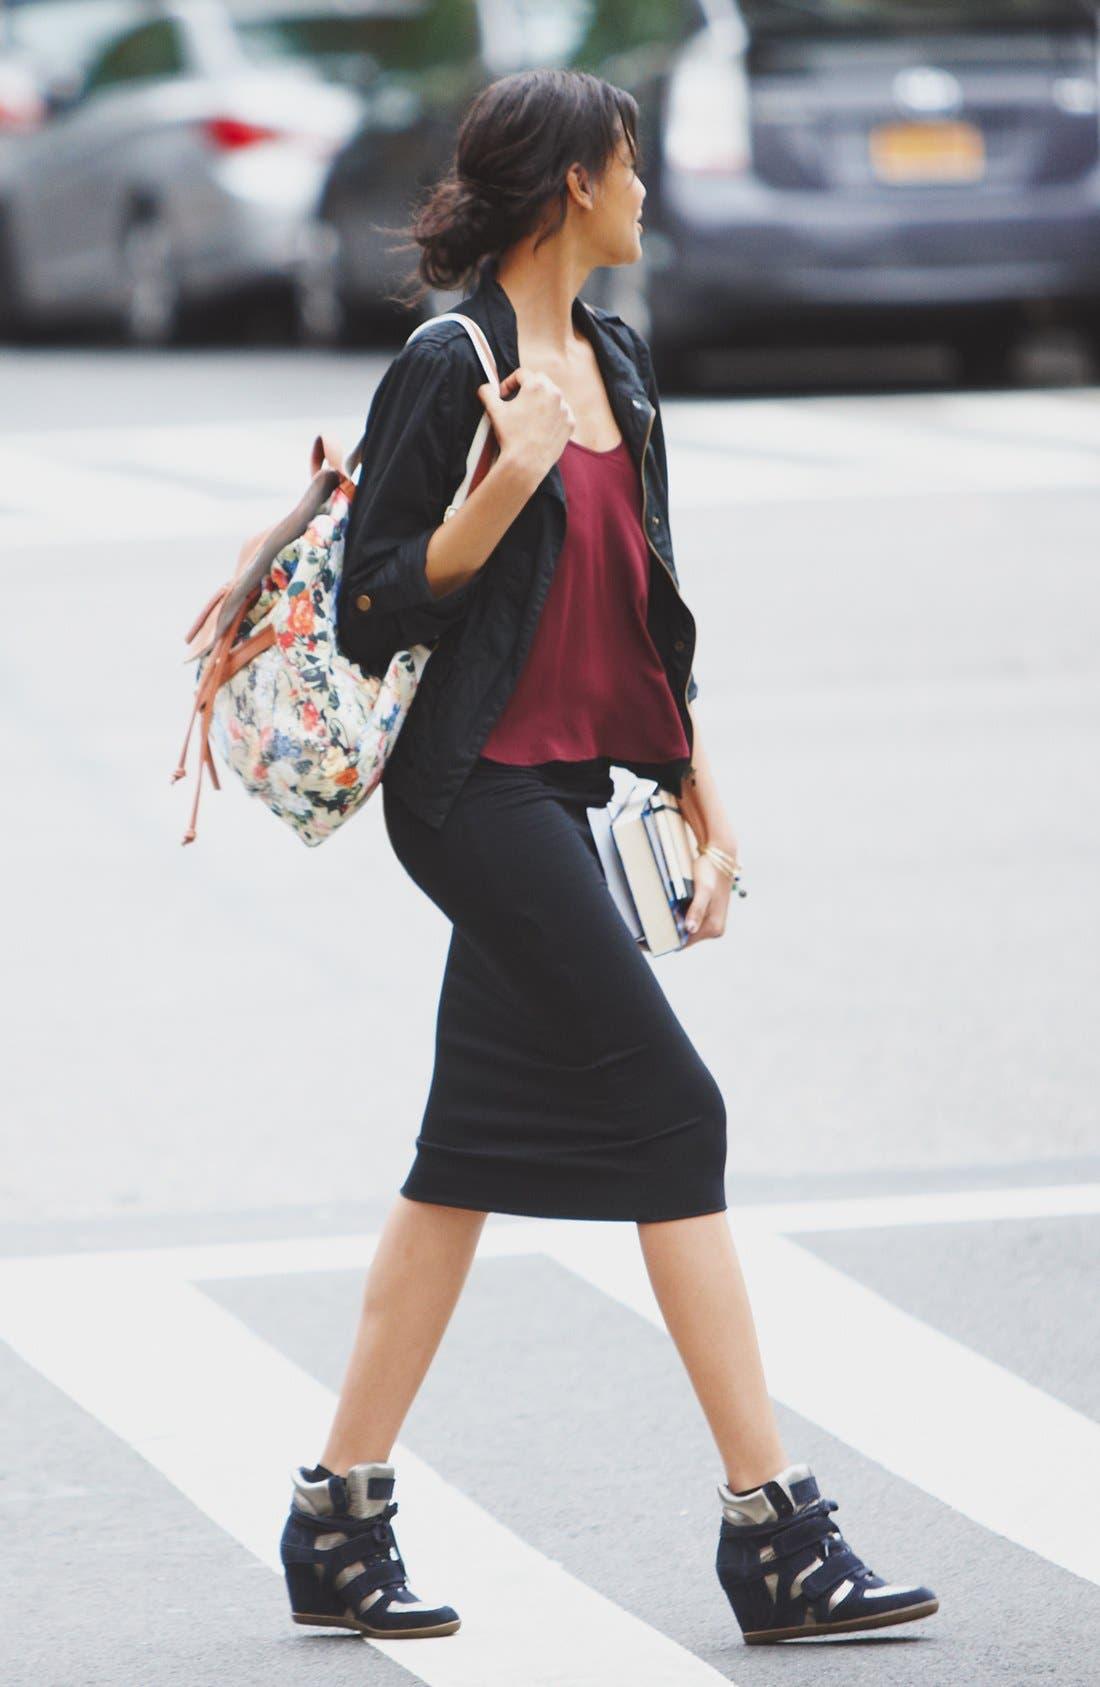 Main Image - Angel Kiss Jacket, Lush Camisole & Frenchi® Skirt